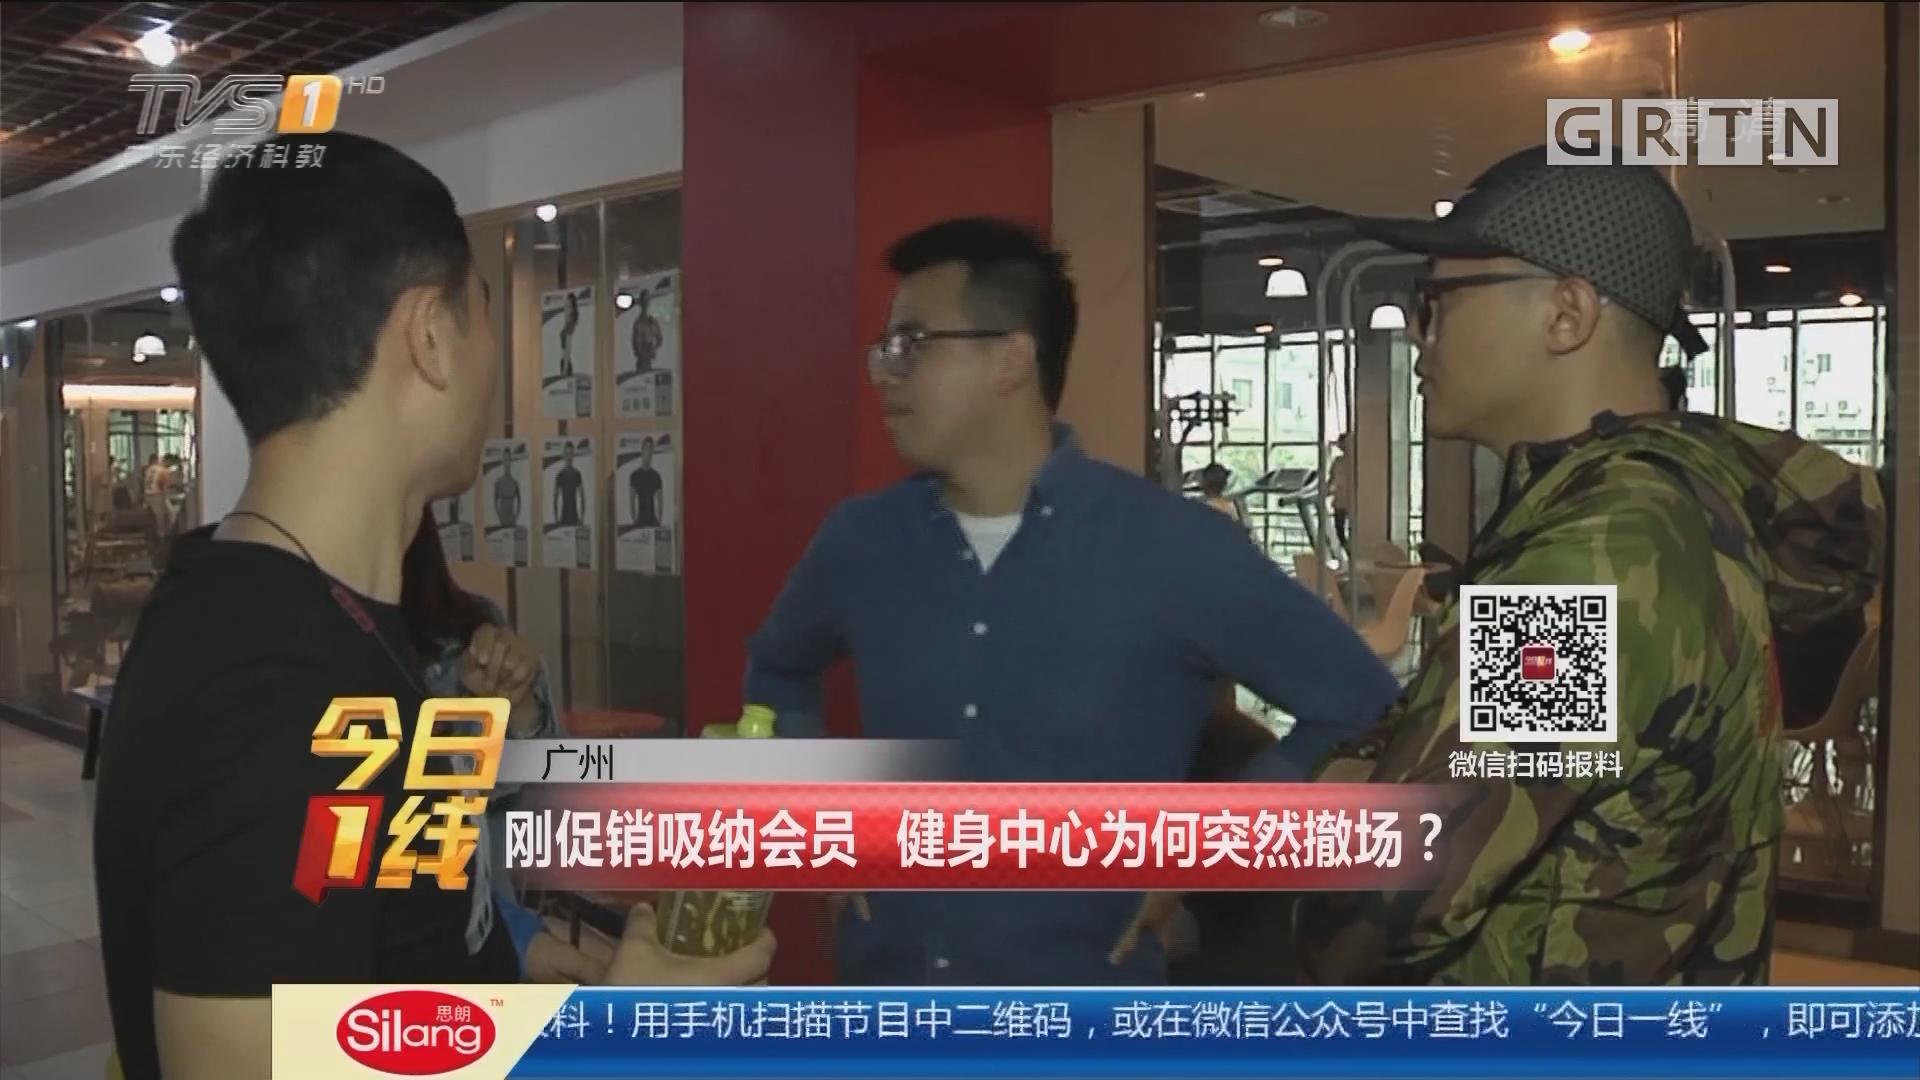 广州:刚促销吸纳会员 健身中心为何突然撤场?